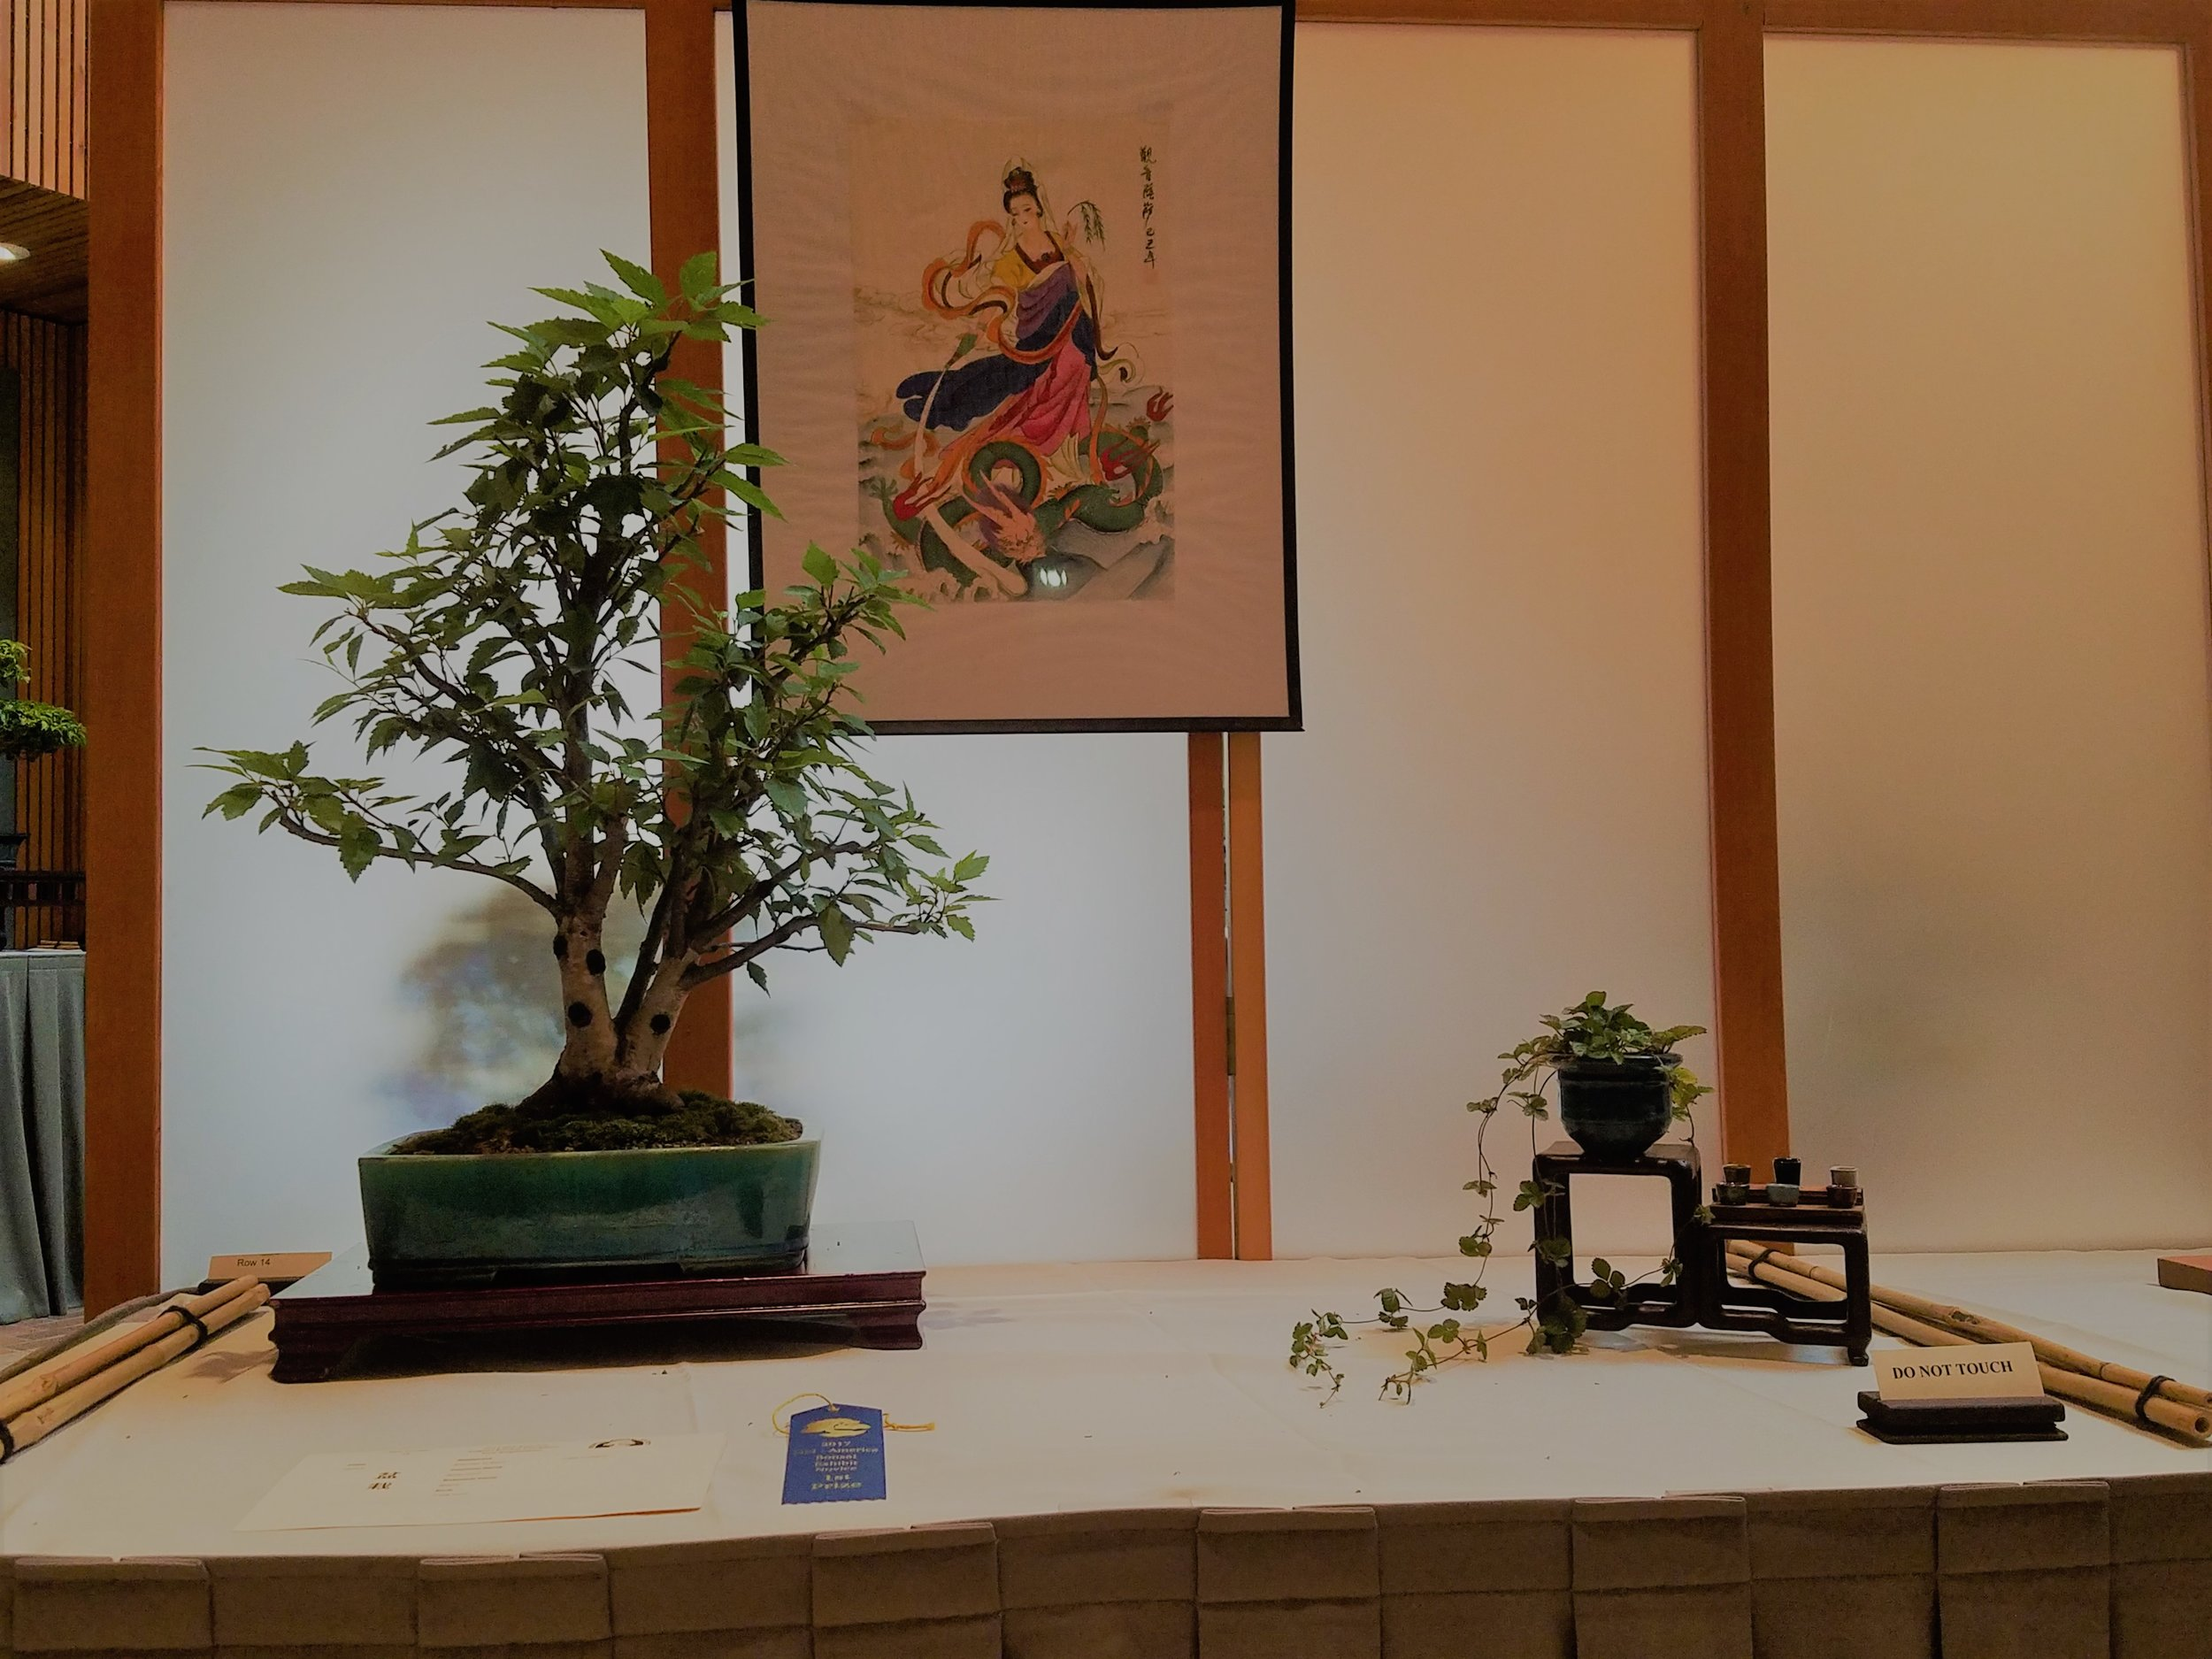 2017 Mid-America Bonsai Exhibition - River Birch - Triple Trunk